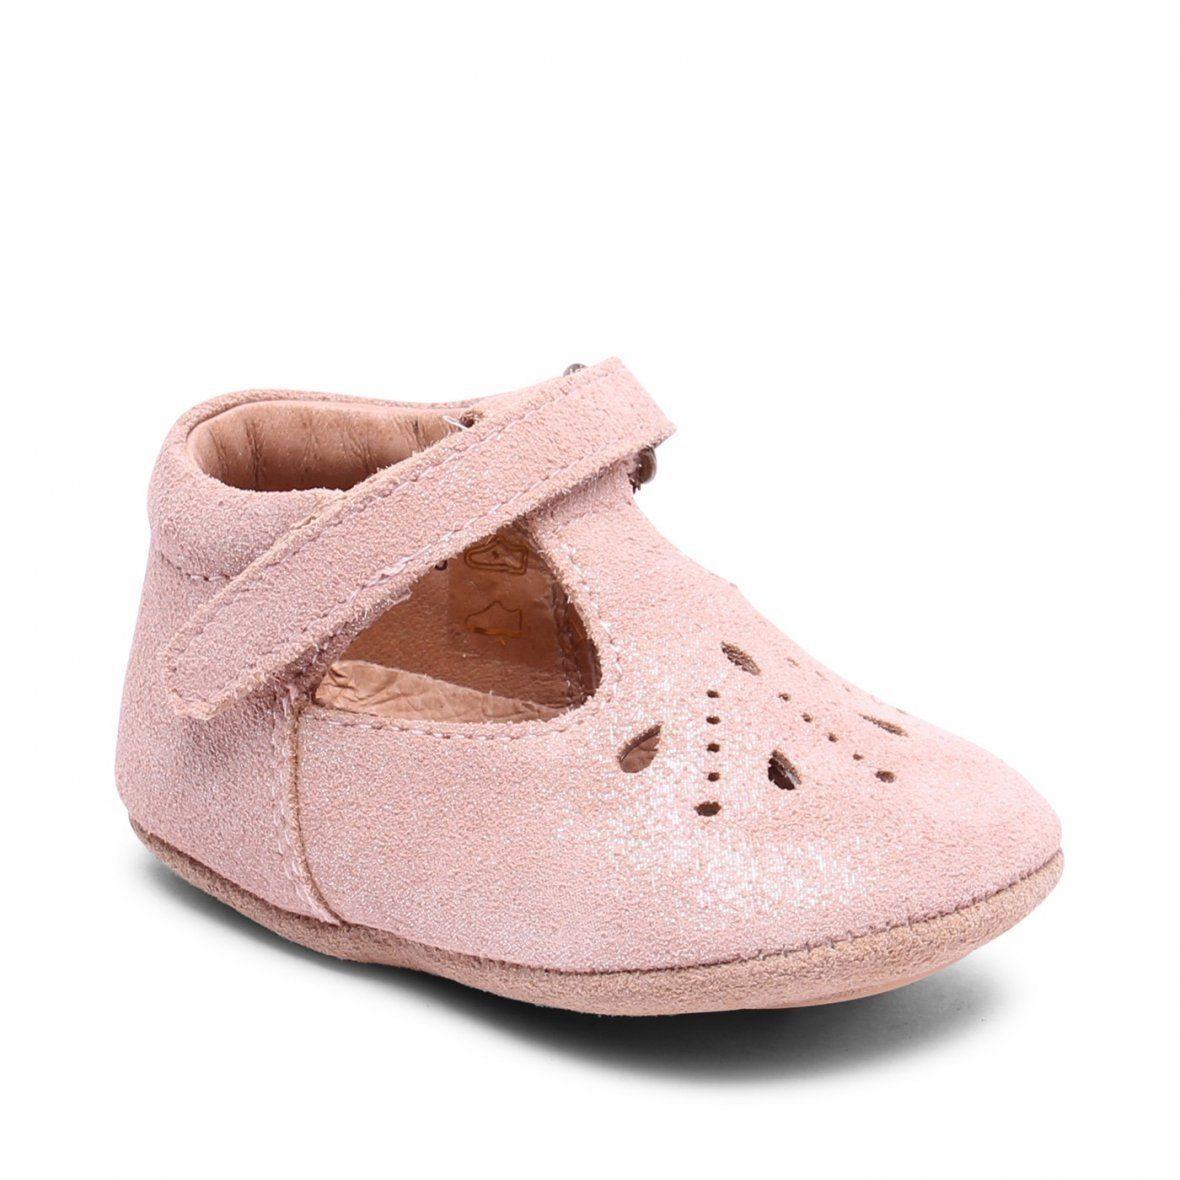 197265752e0 Bisgaard - Glitter Nude - Hjemmesko - 24 - Loafers